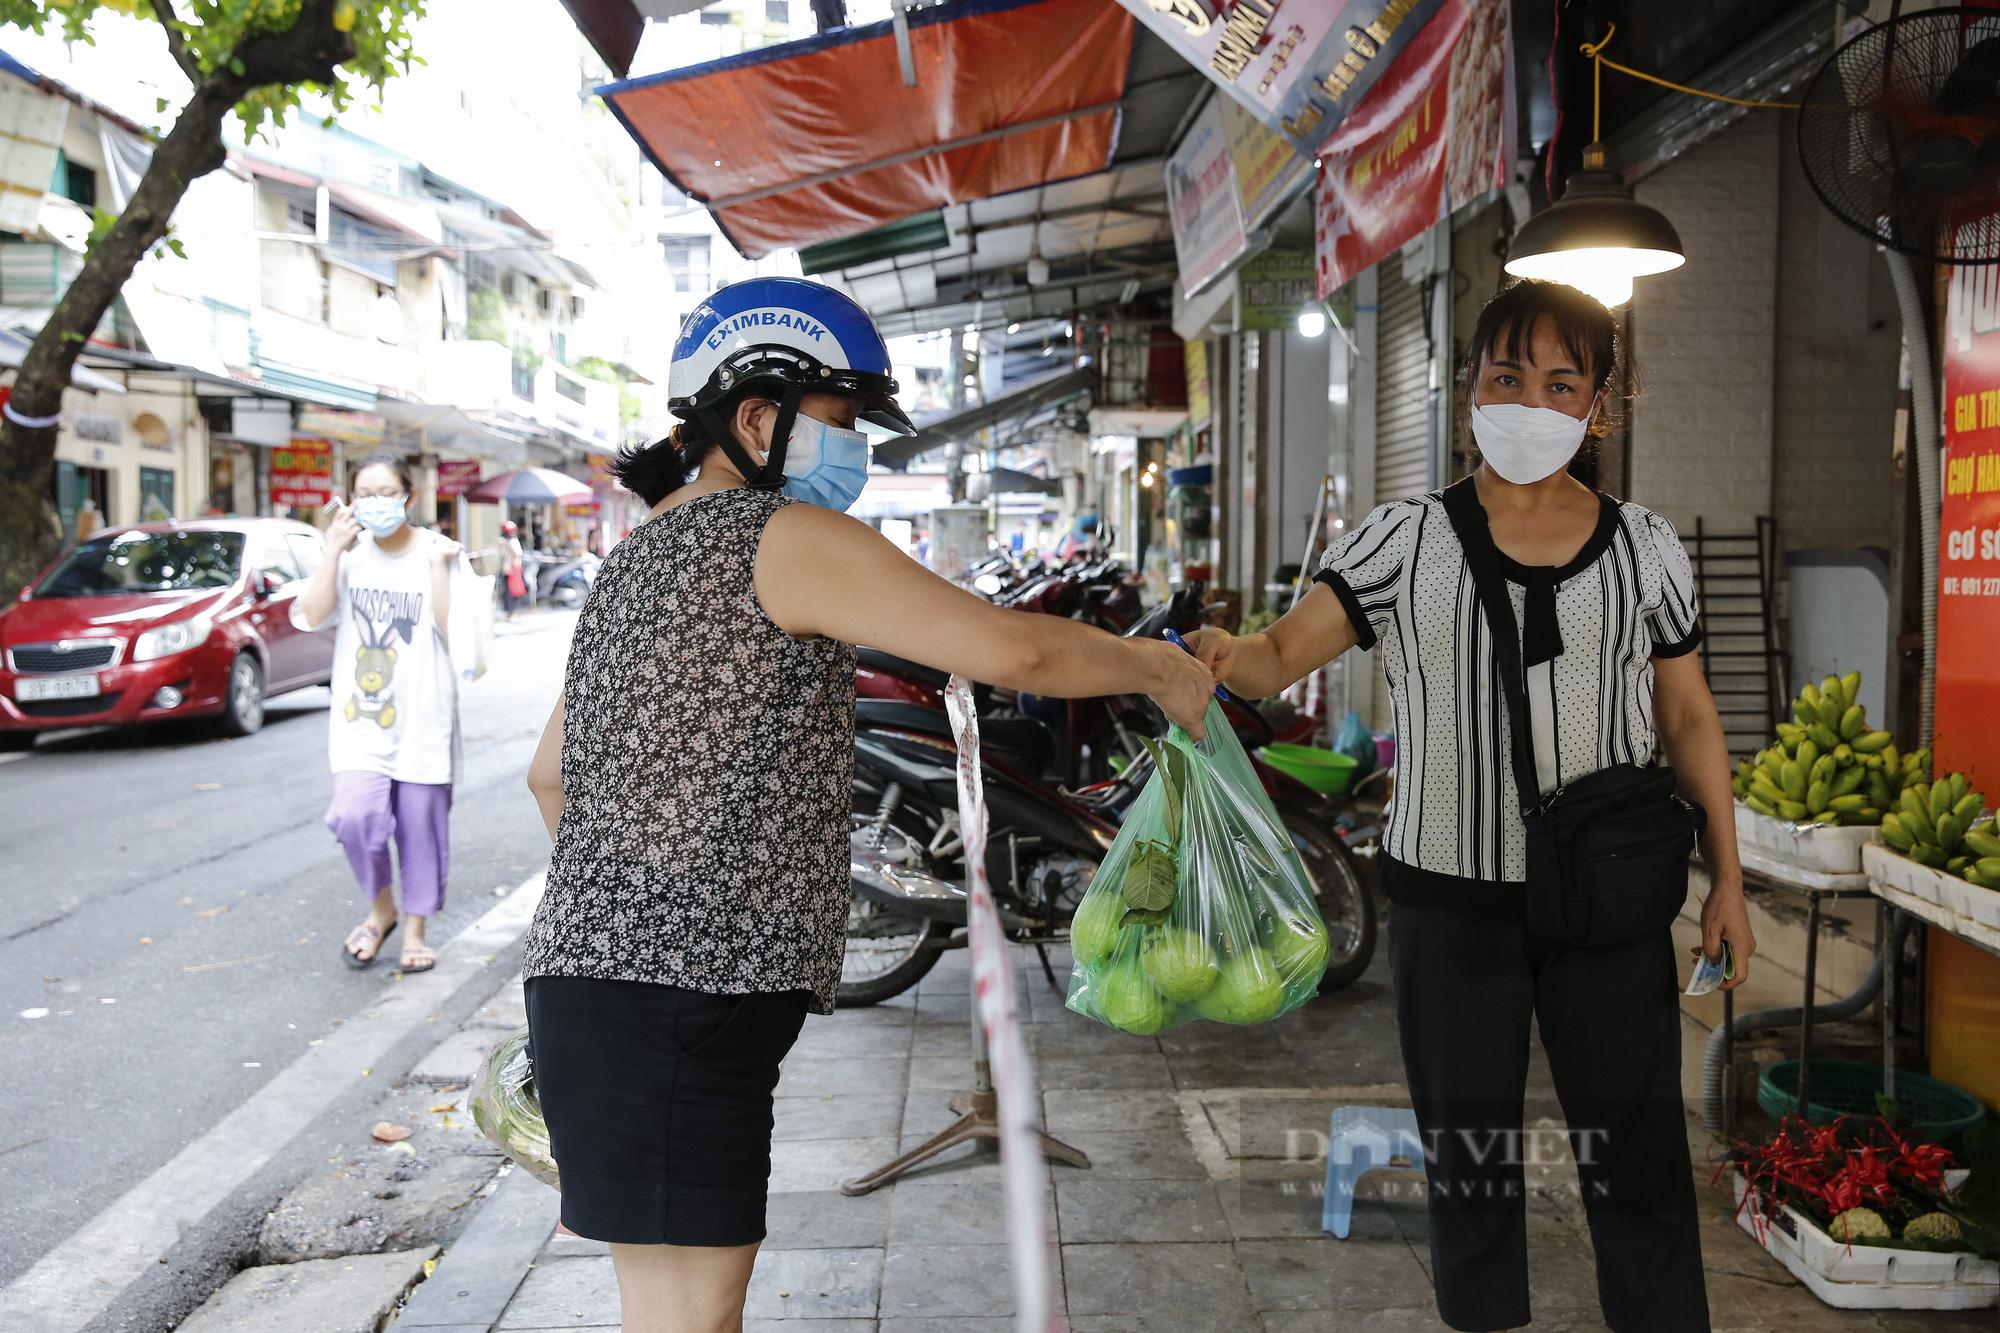 """Xem người dân phố cổ Hà Nội đi chợ """"nhà giàu"""" trong ngày giãn cách xã hội - Ảnh 4."""